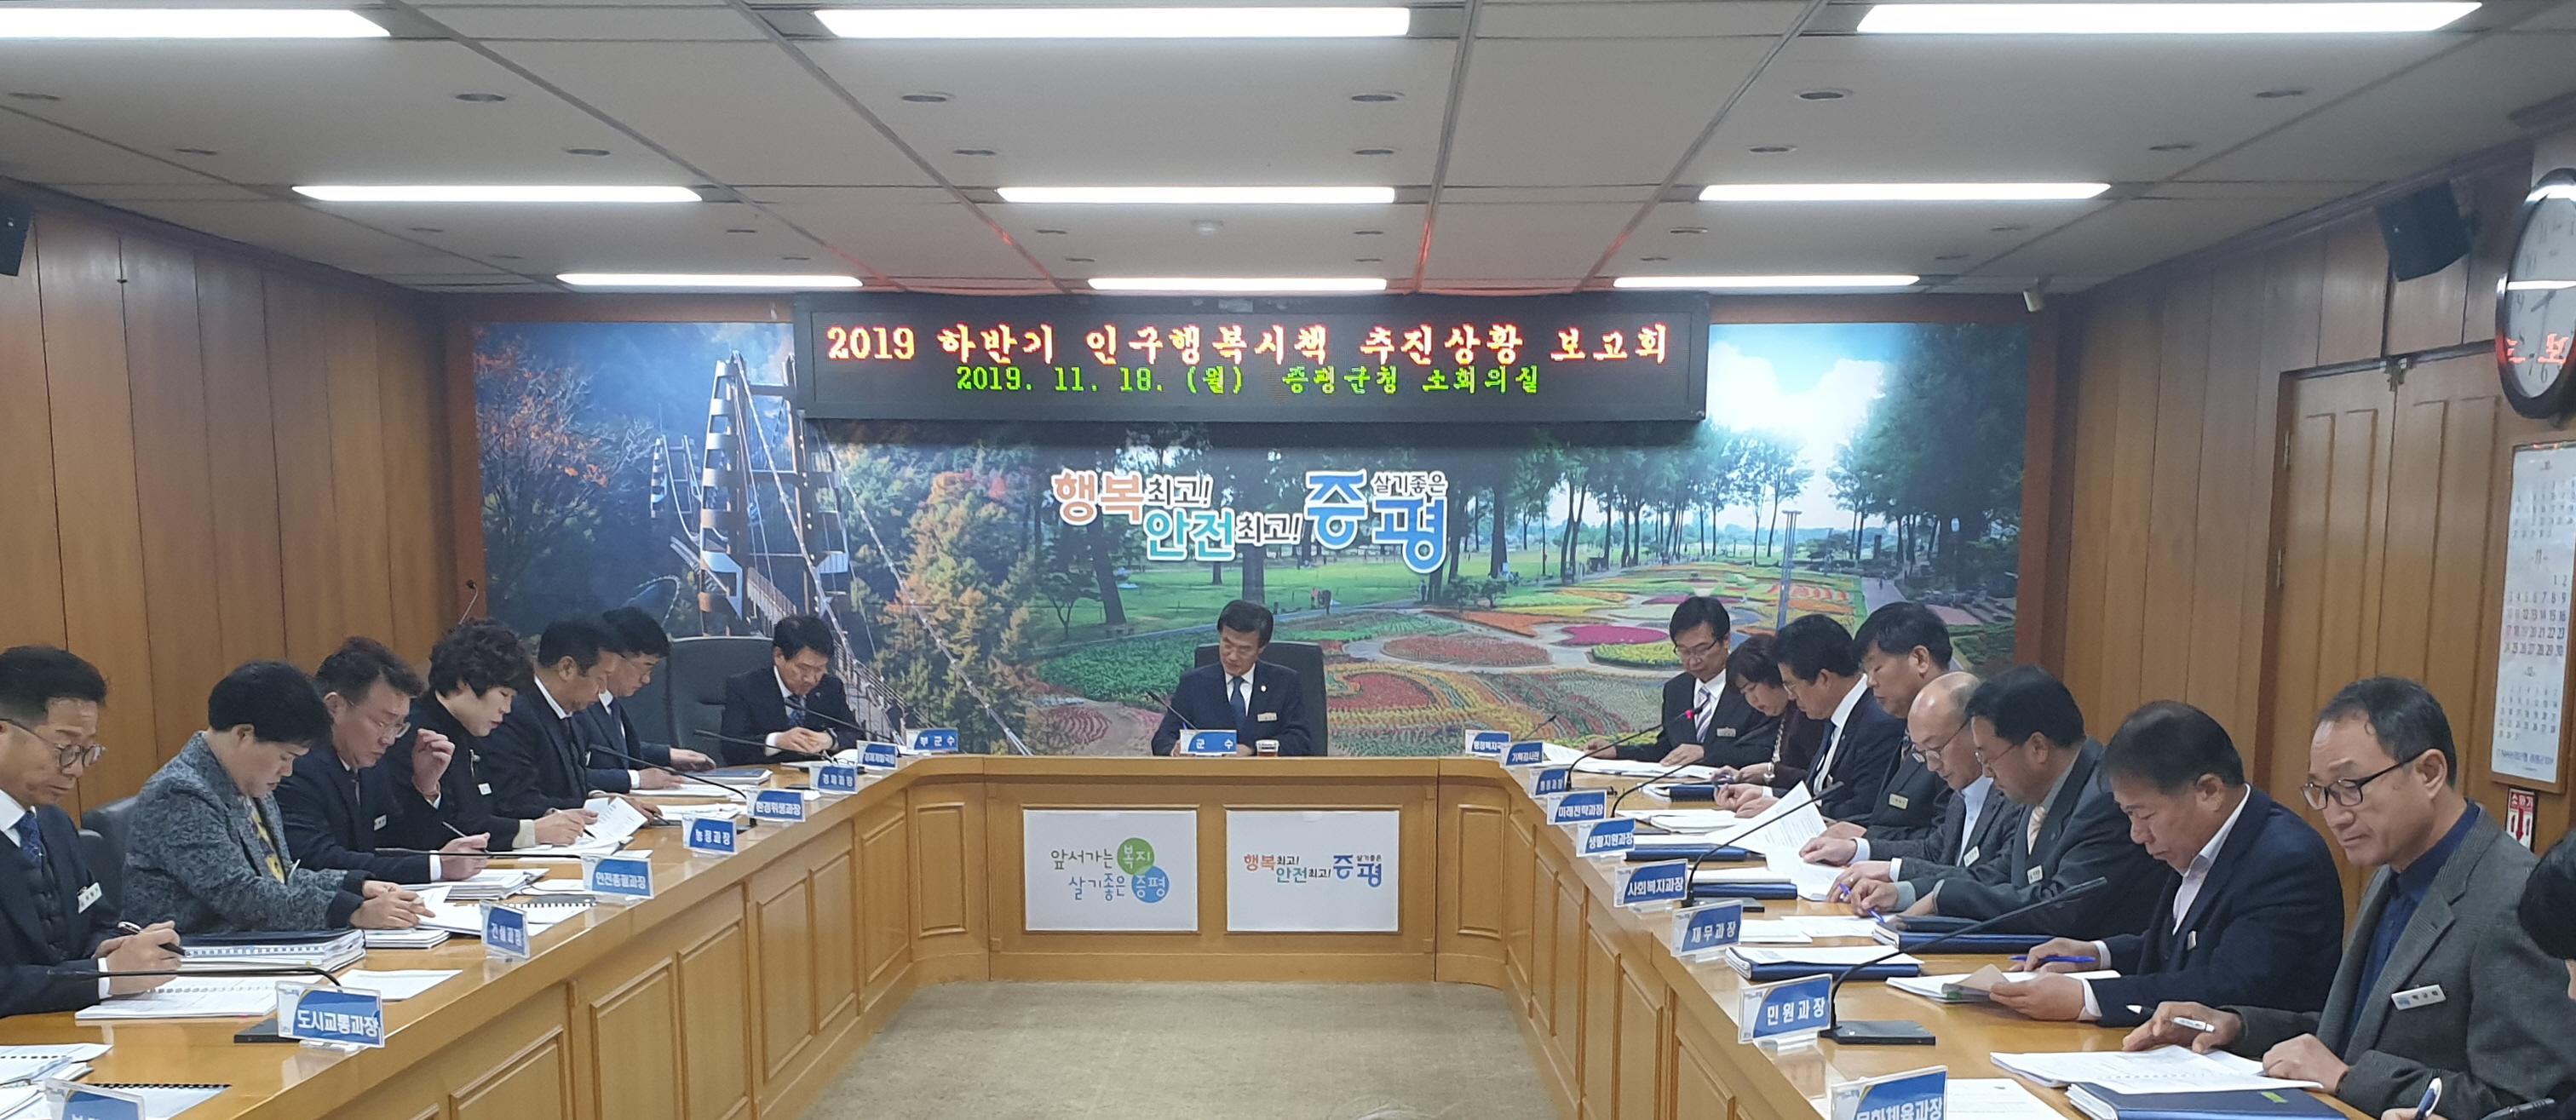 증평군, 하반기 인구·행복시책 추진상황 보고회 개최 [이미지]